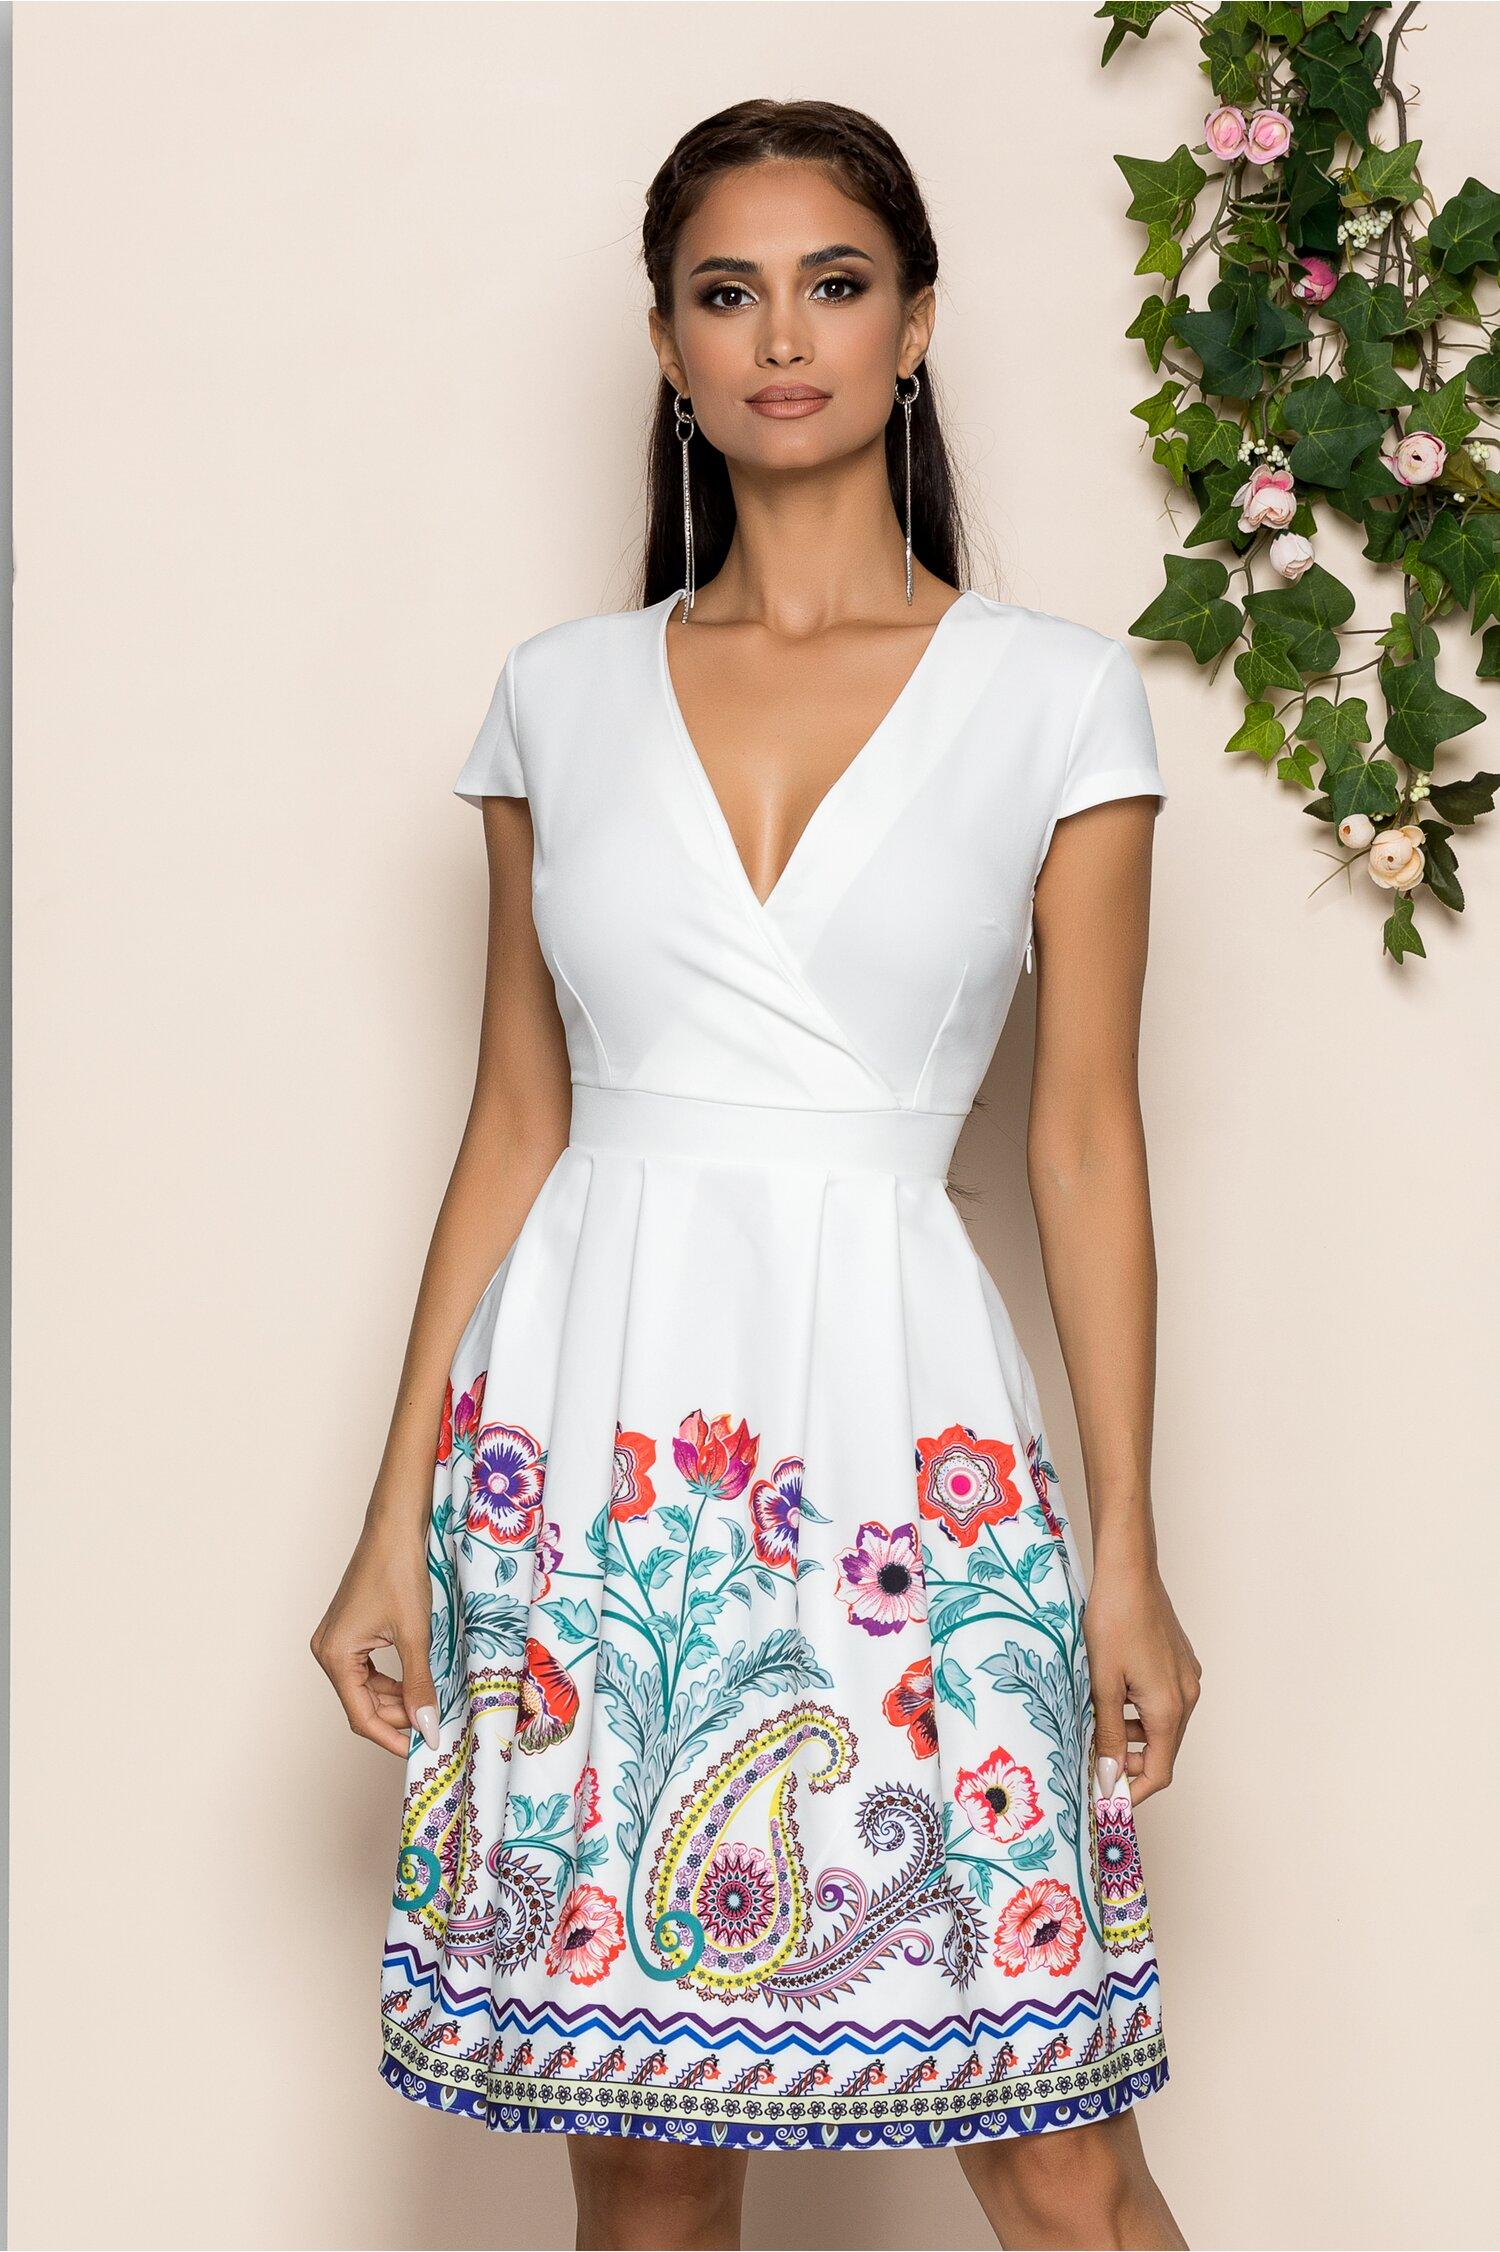 Rochie Maya alba cu decolteu in v petrecut si imprimeu floral pe fusta